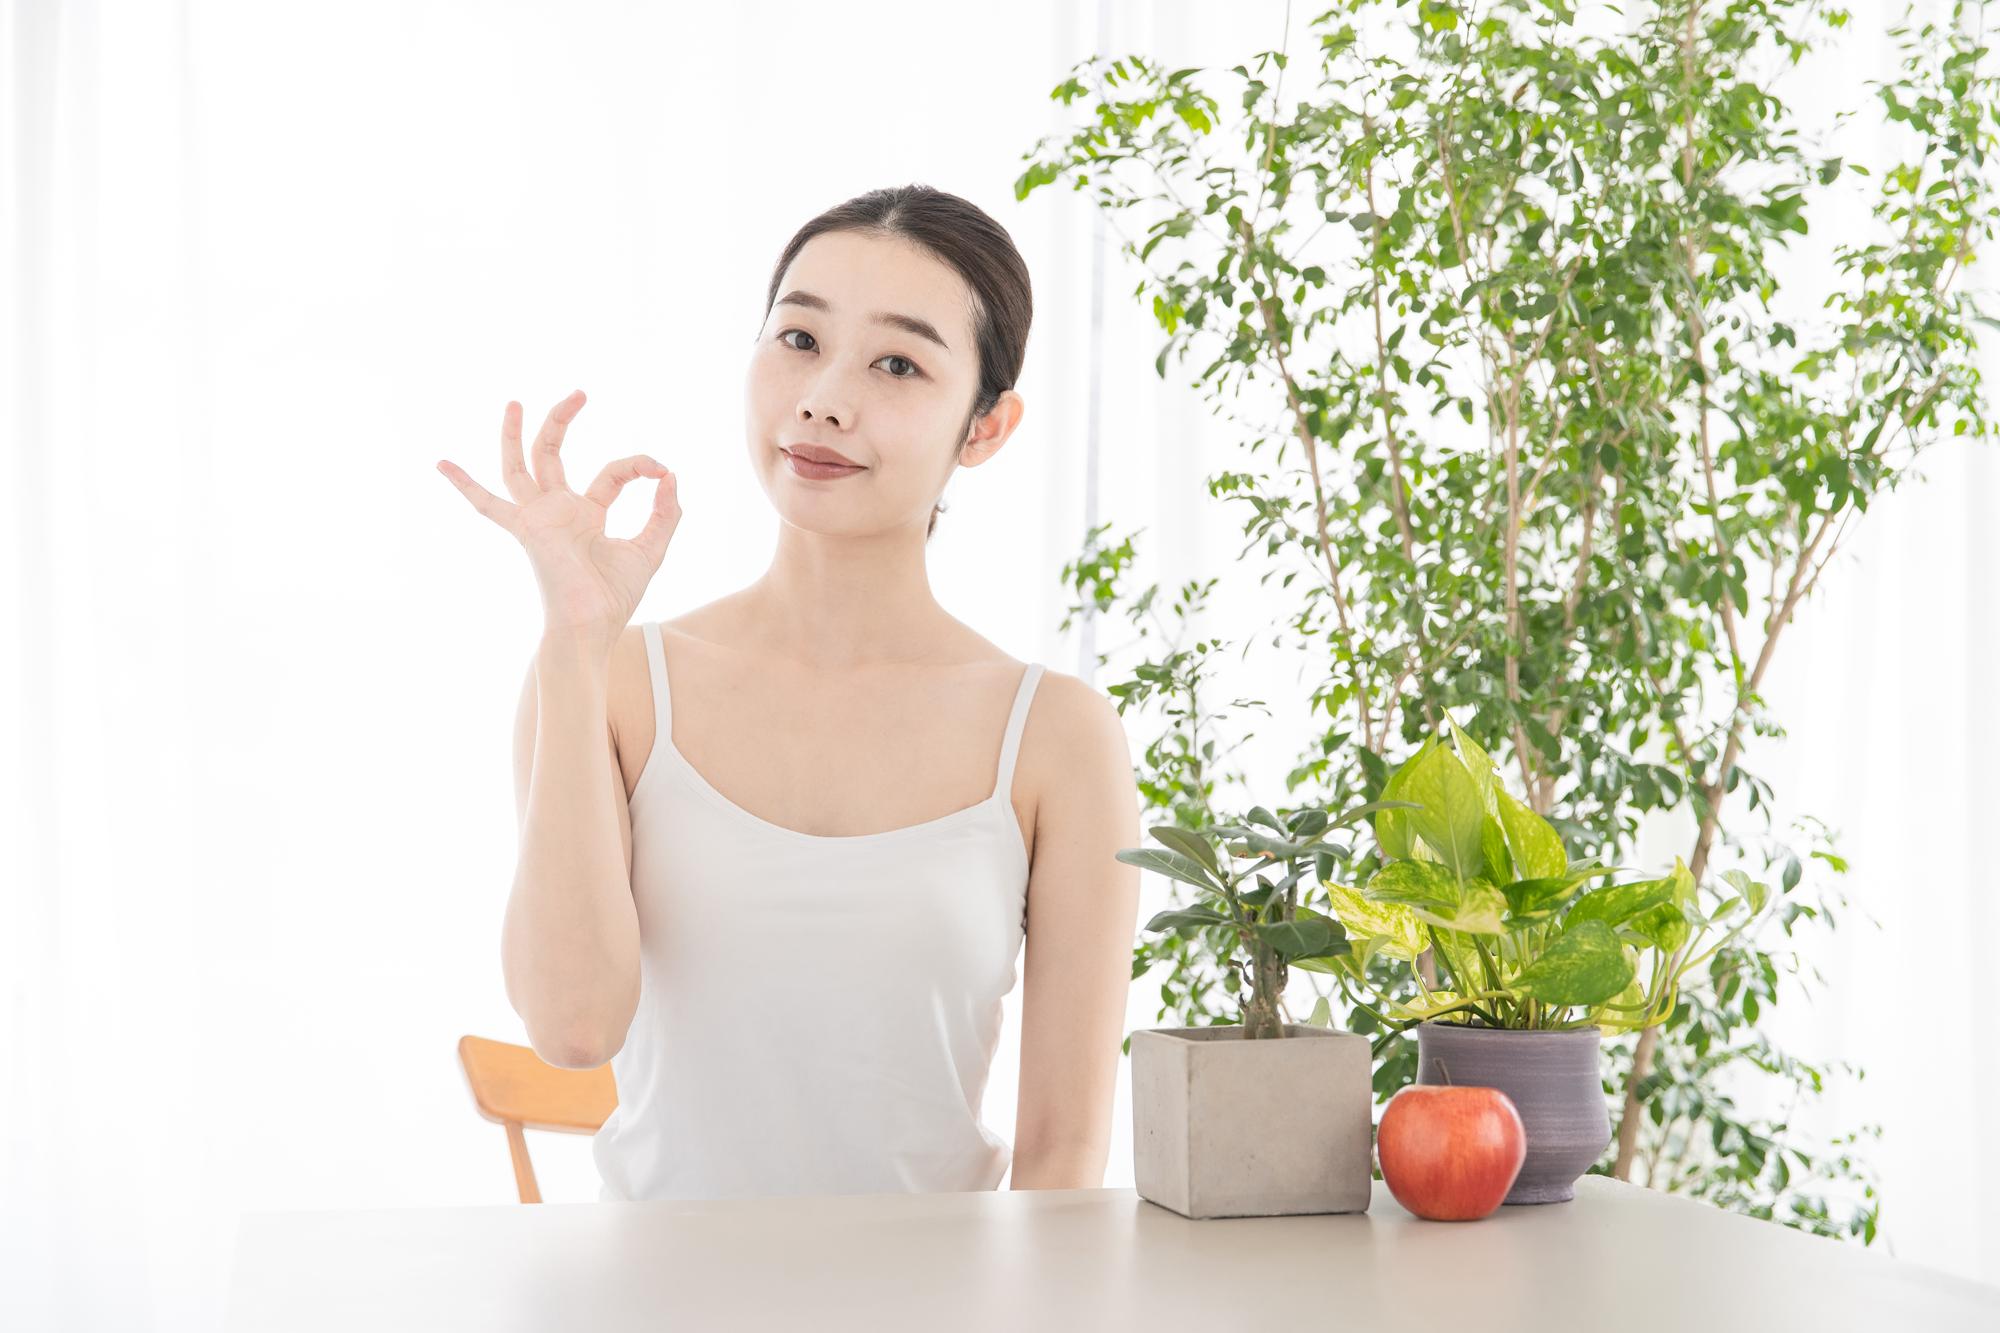 【医師監修】4つのポイントを押さえて乾燥肌を改善しよう! 間違った生活習慣が乾燥肌の元凶に